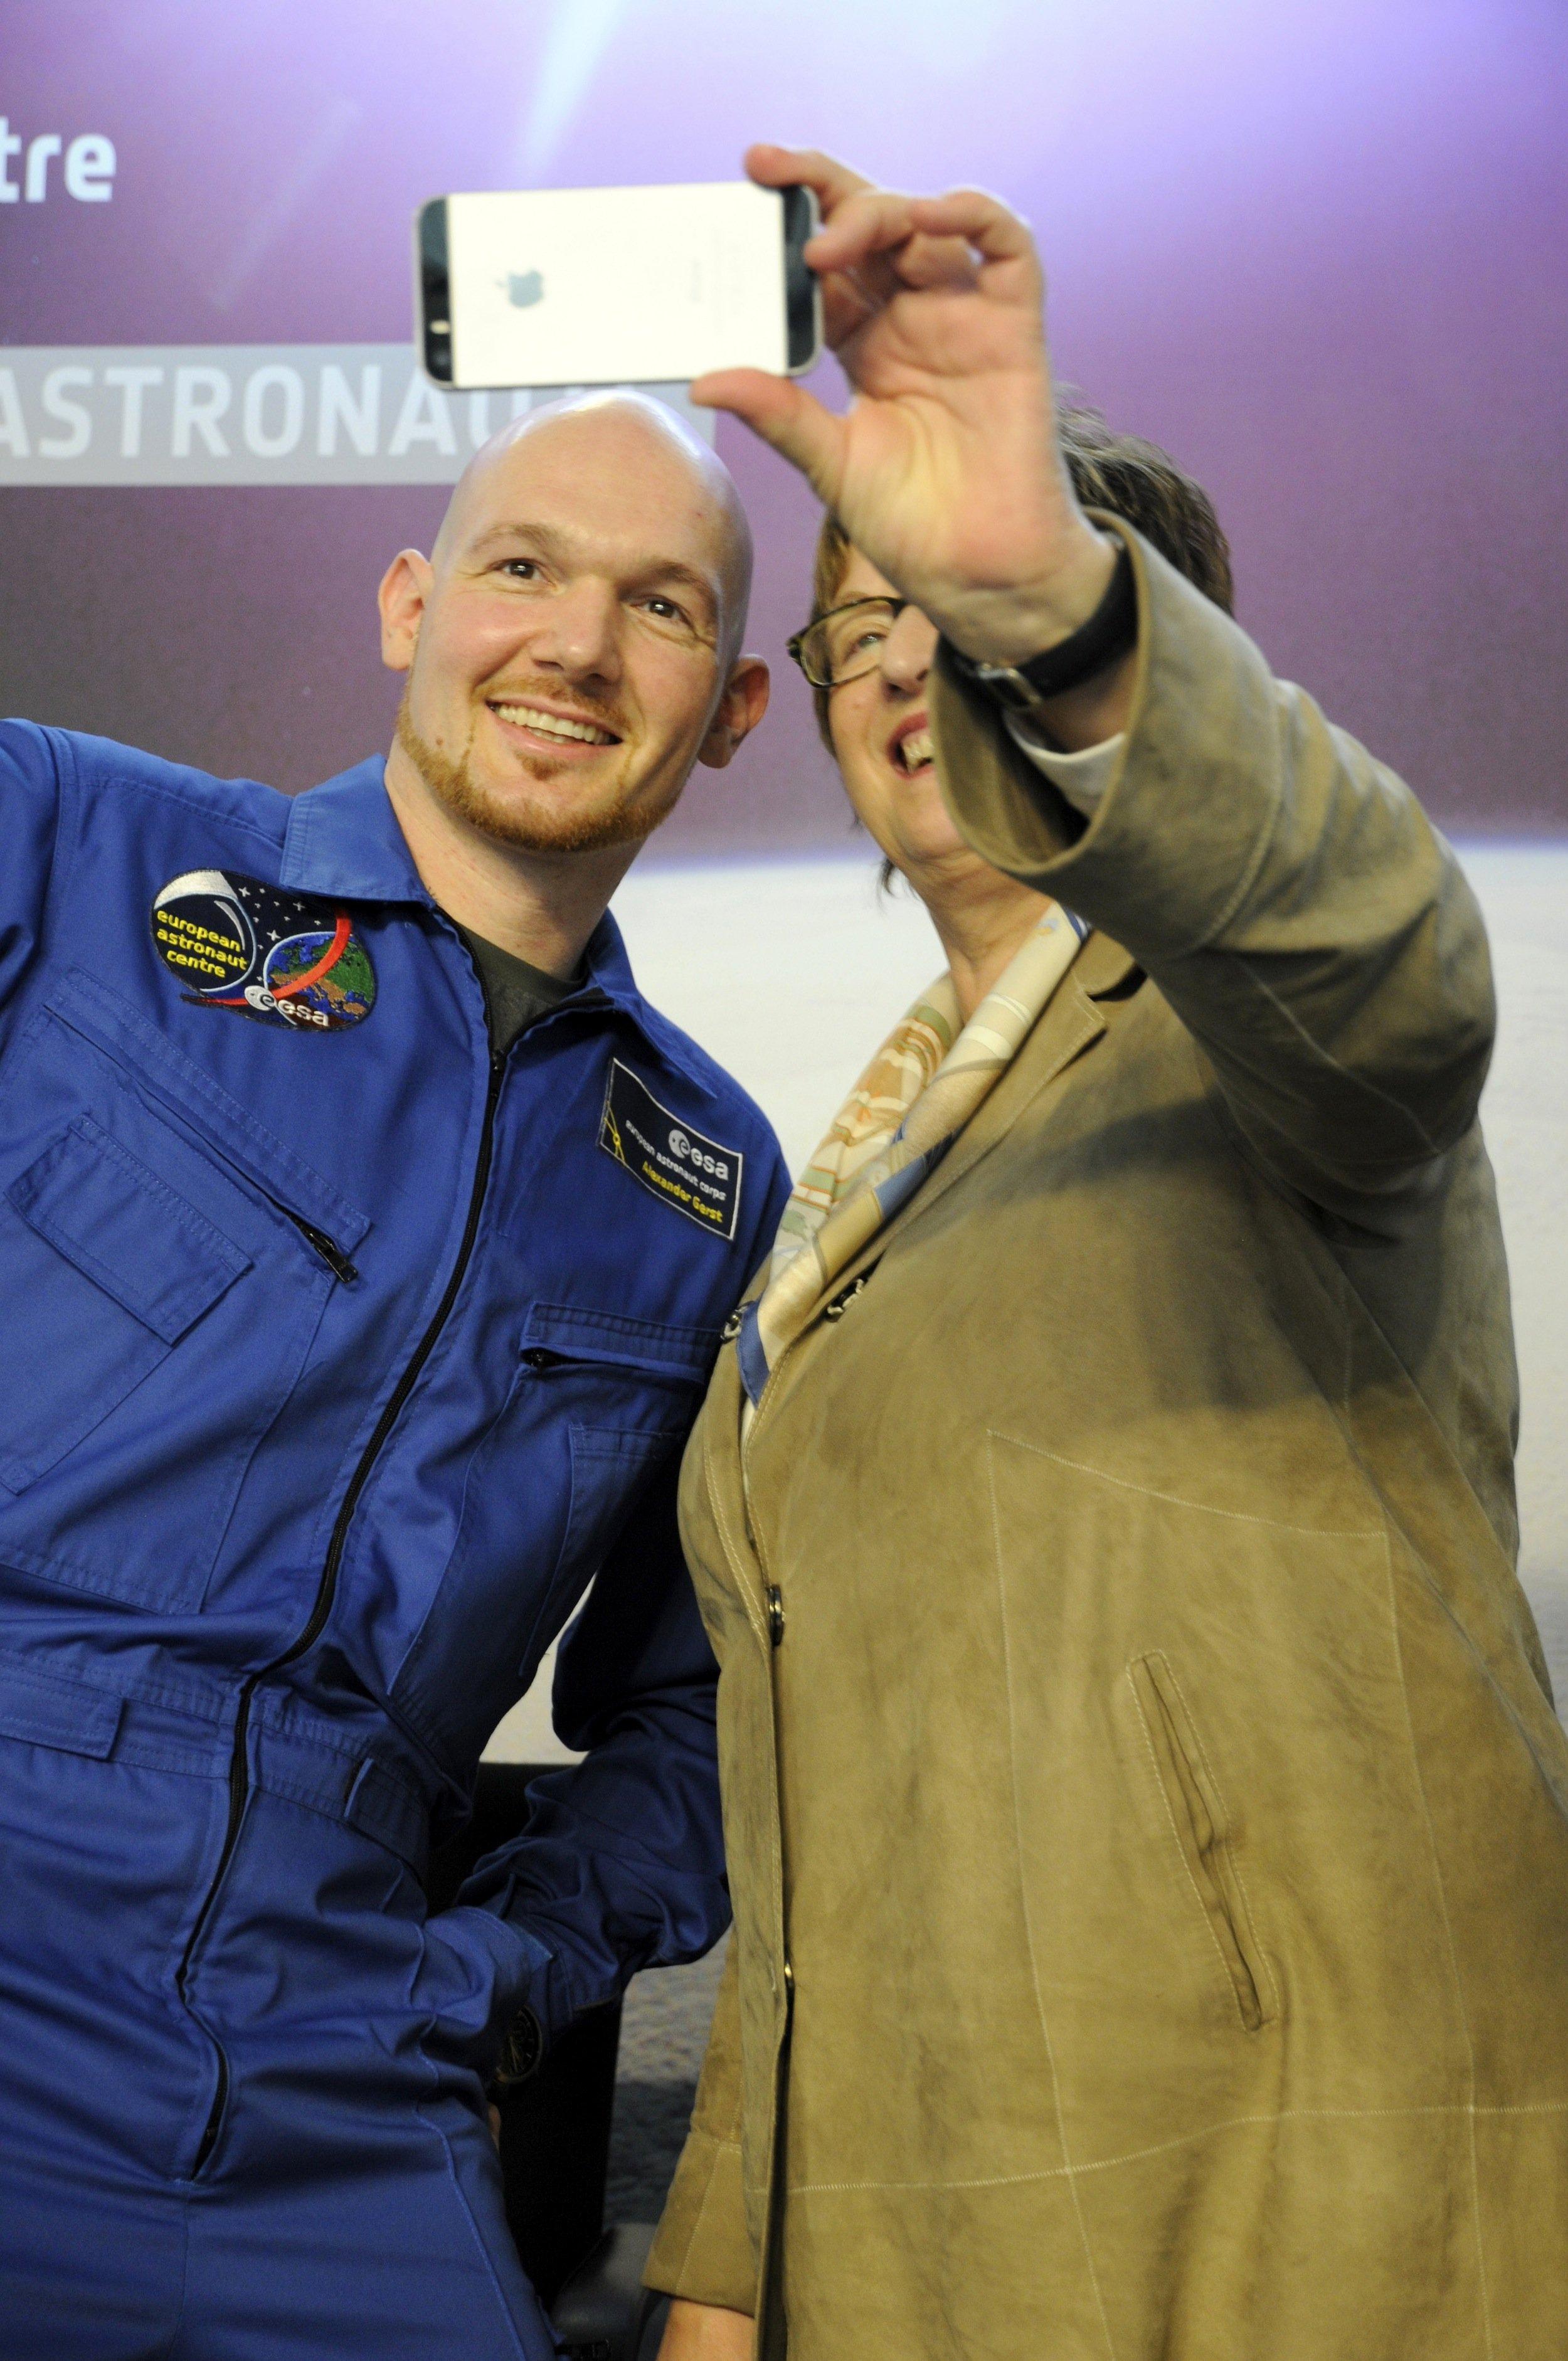 Selfie von Astronaut Alexander Gerst und Staatssekretärin Brigitte Zypries.